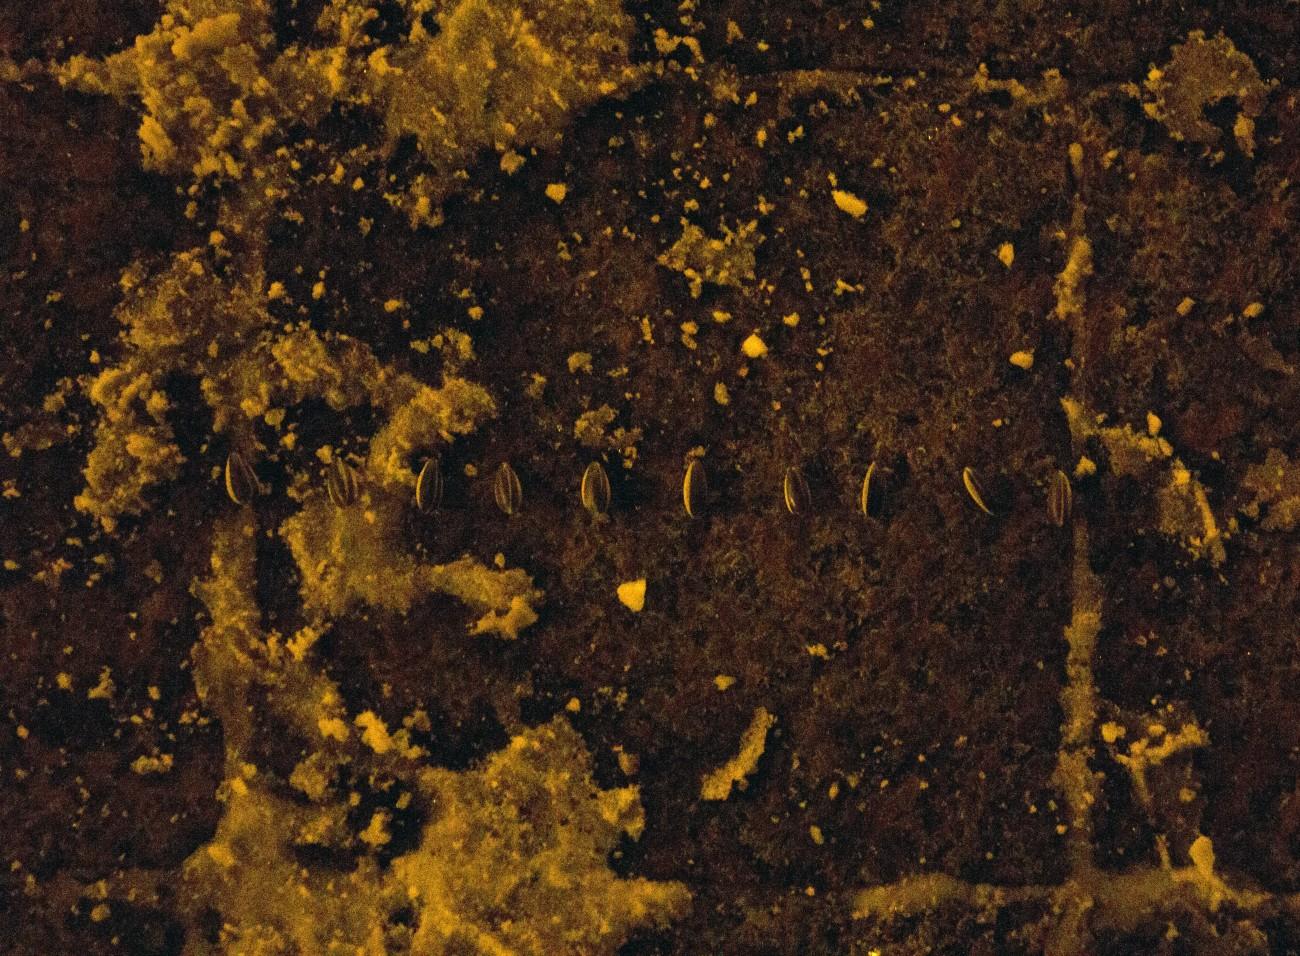 Steve Giasson. Performance invisible n° 74 (Détruire une œuvre d'art (ou Abuser discrètement d'un pouvoir)). Ai Weiwei. Sunflower Seeds. 2010. D'après Ai Weiwei. Dropping a Han Dynasty Urn. 1995. Performeur : Steve Giasson. Crédit photographique : Martin Vinette. Place de Paris, Québec. 4 janvier 2016.